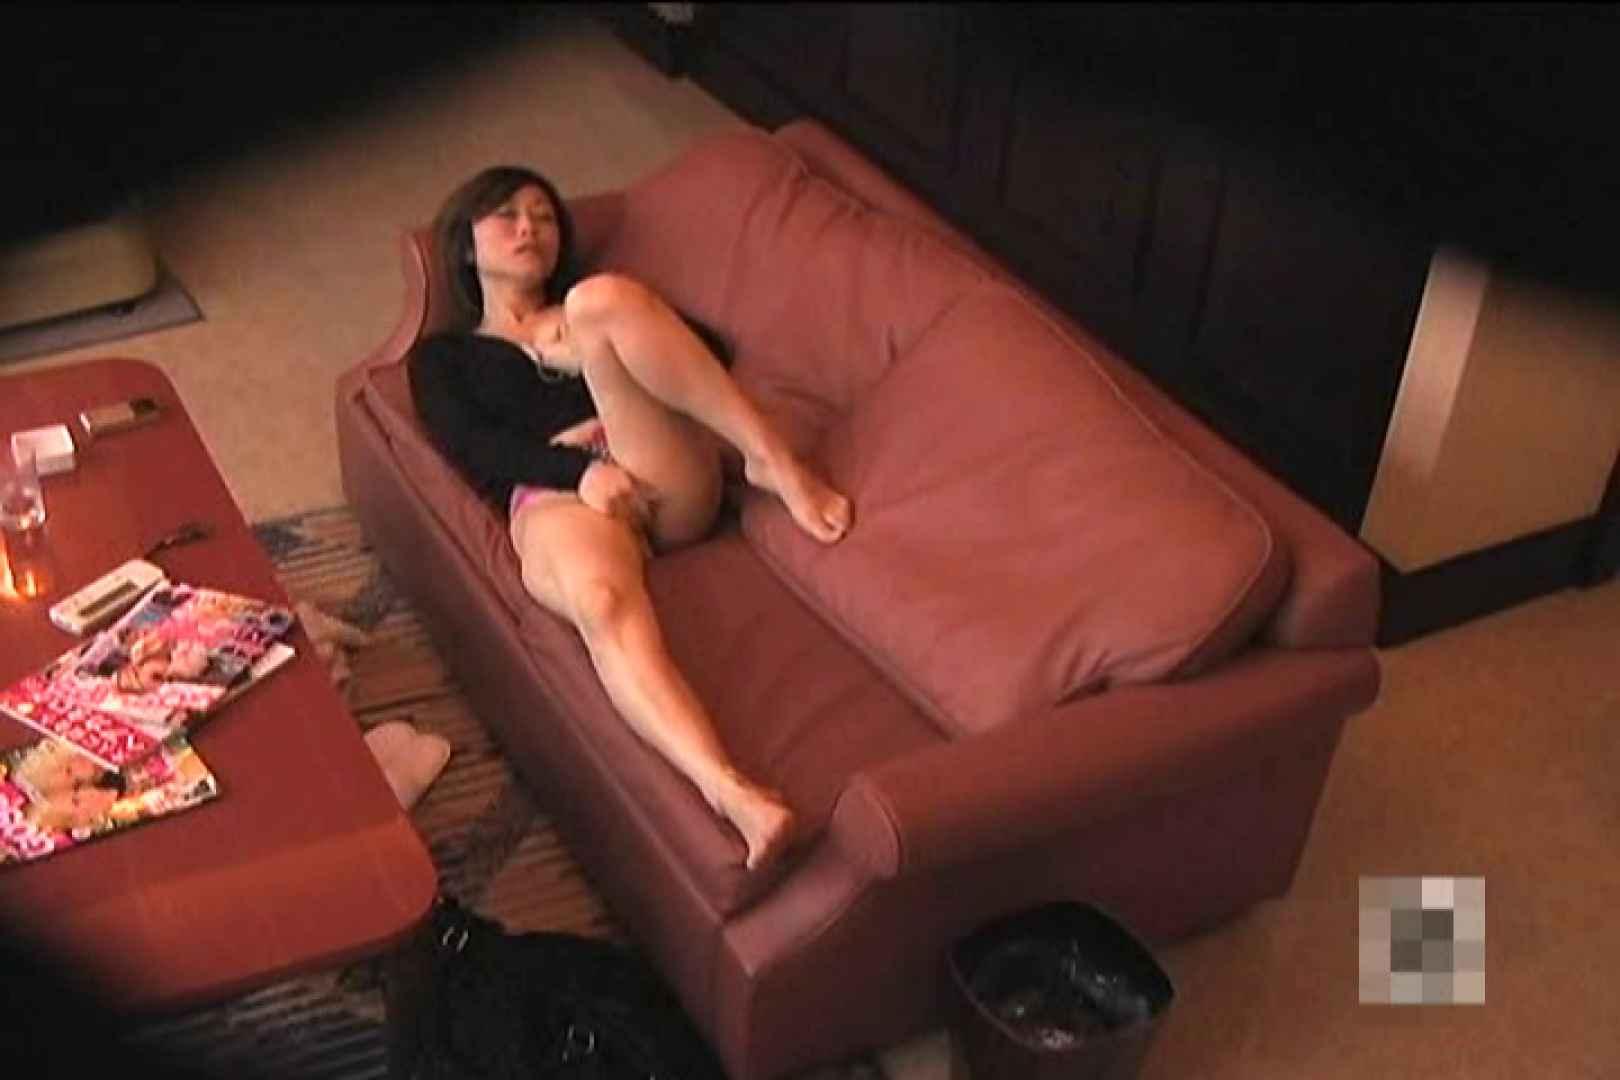 民家自慰マニアVol.4 オナニーする女性たち 覗きスケベ動画紹介 80画像 38